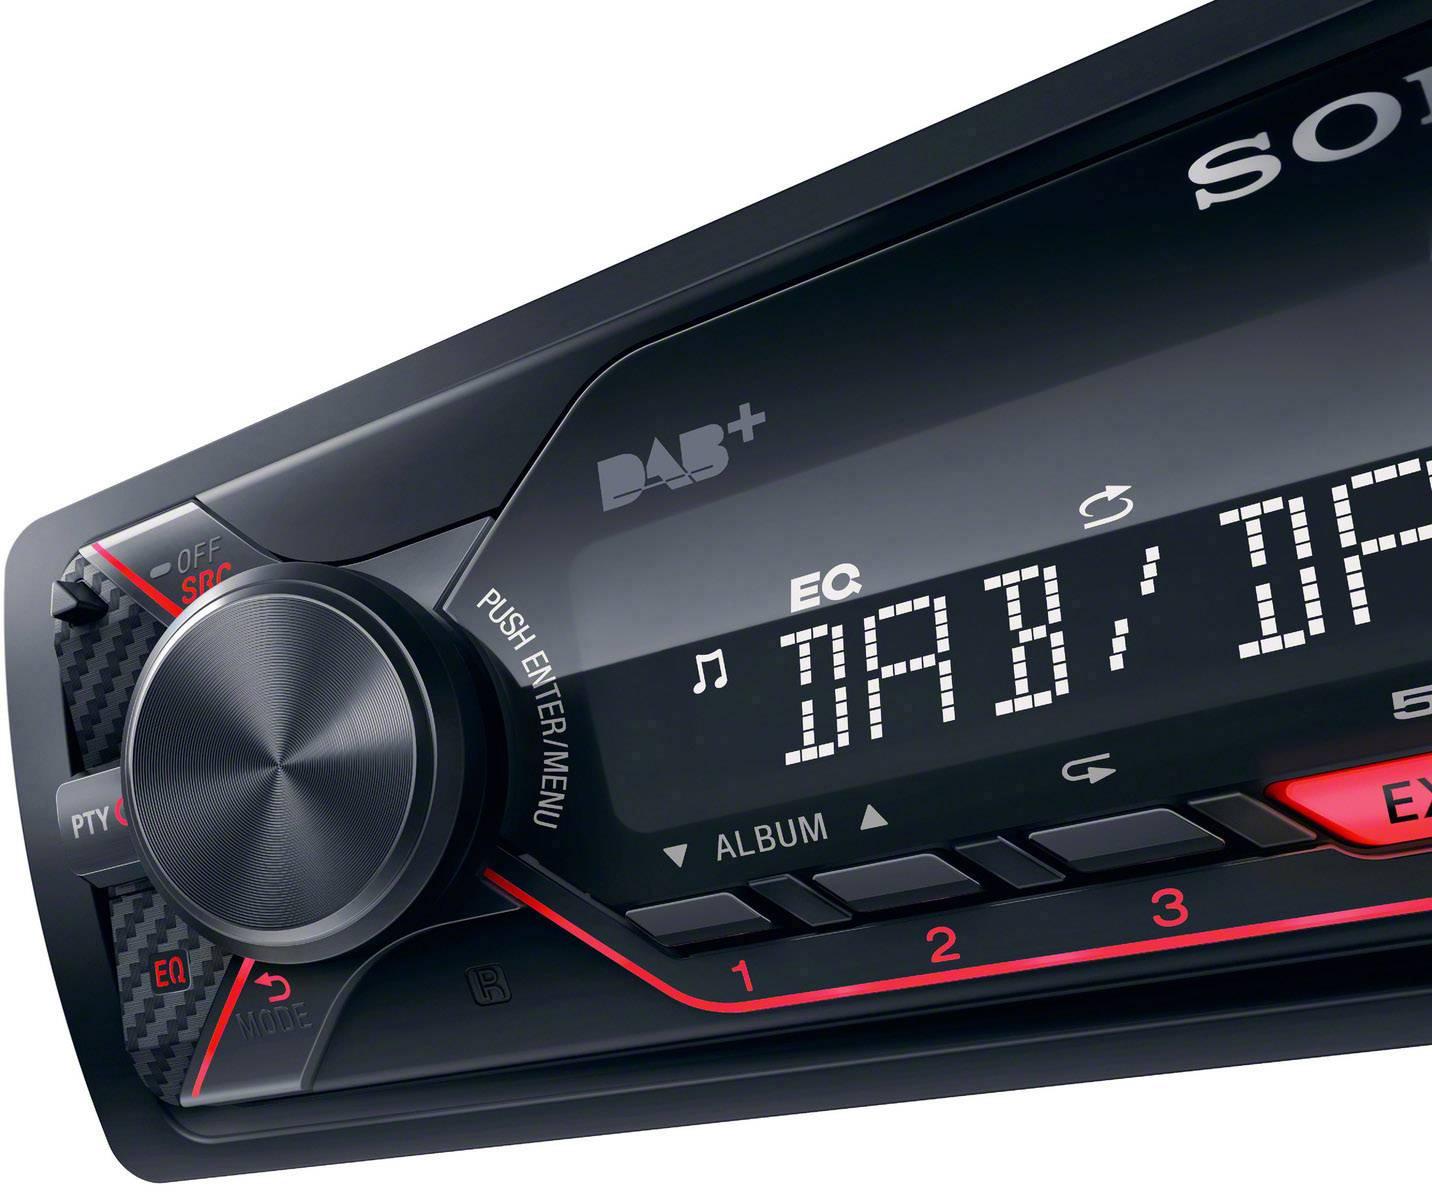 Sony dsxa kit autoradio collegamento per controllo remoto da